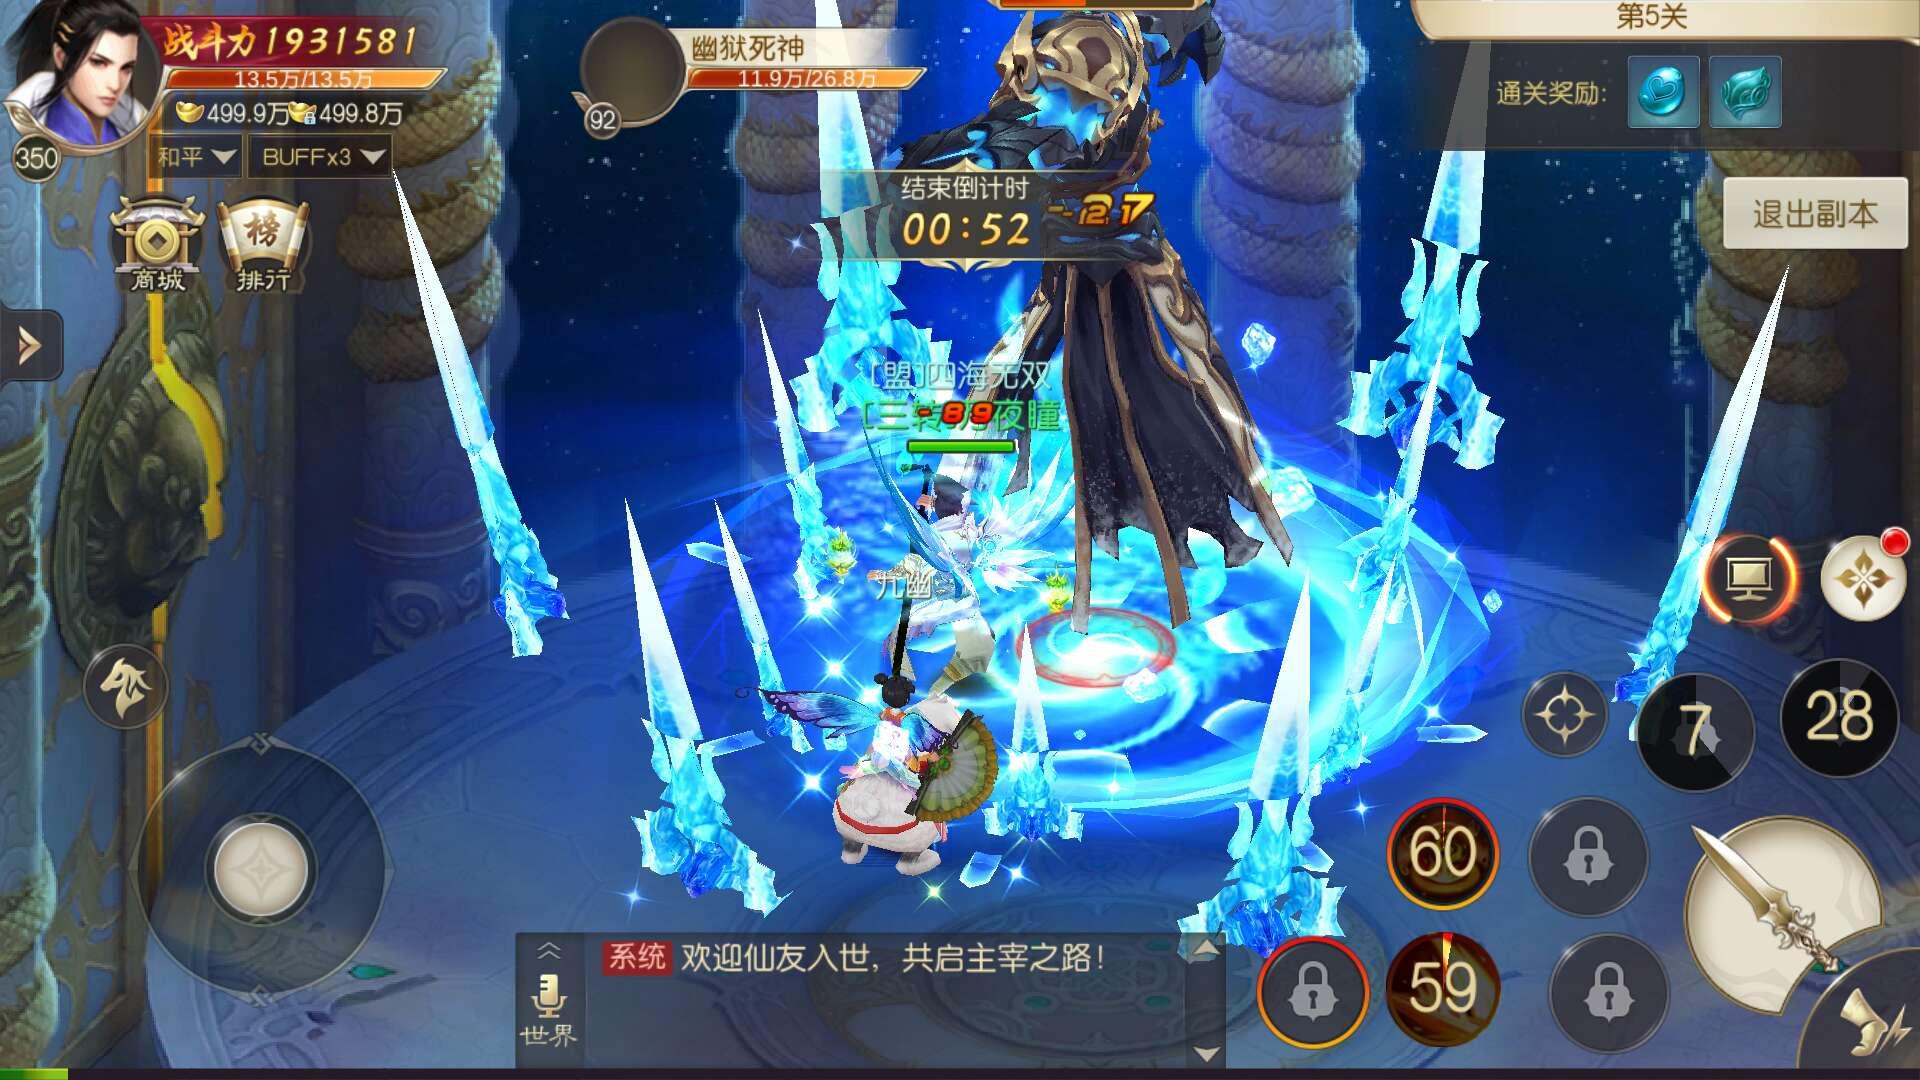 全新修仙MMO手游巨献,《灵剑劫》特色玩法曝光